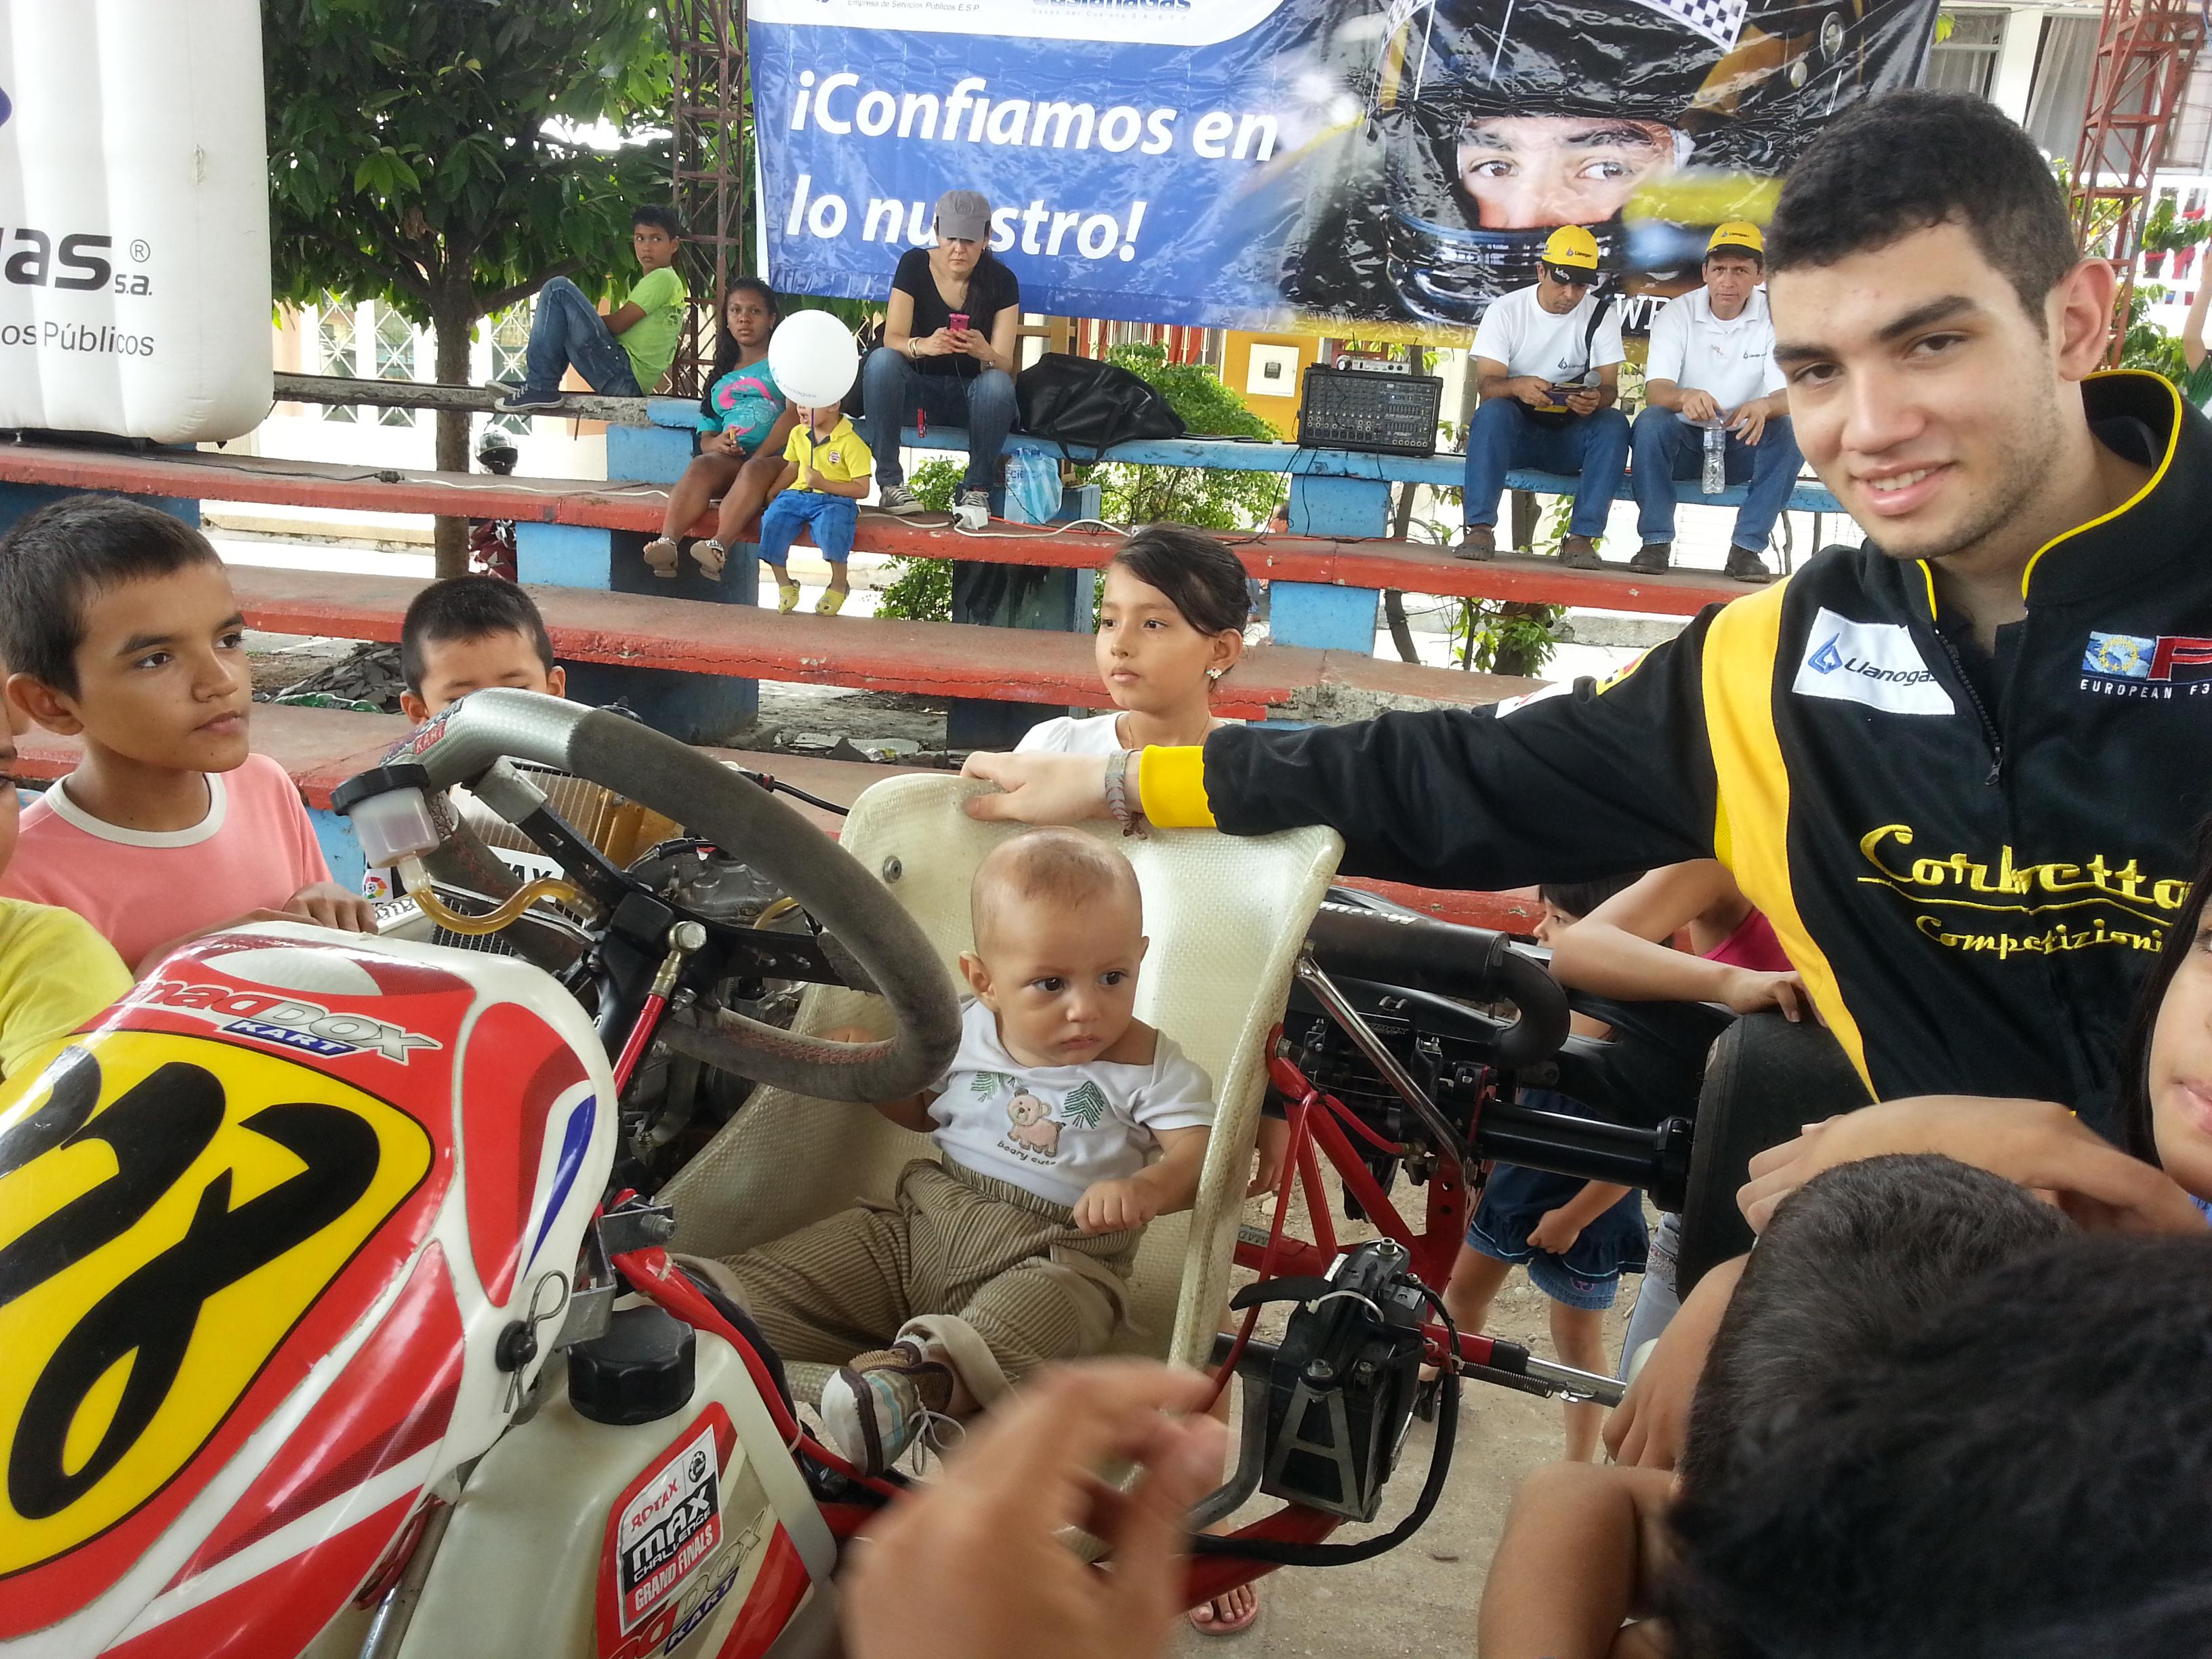 WilliamBarbosa+Llanogas+Contigo+20140308_9.jpg